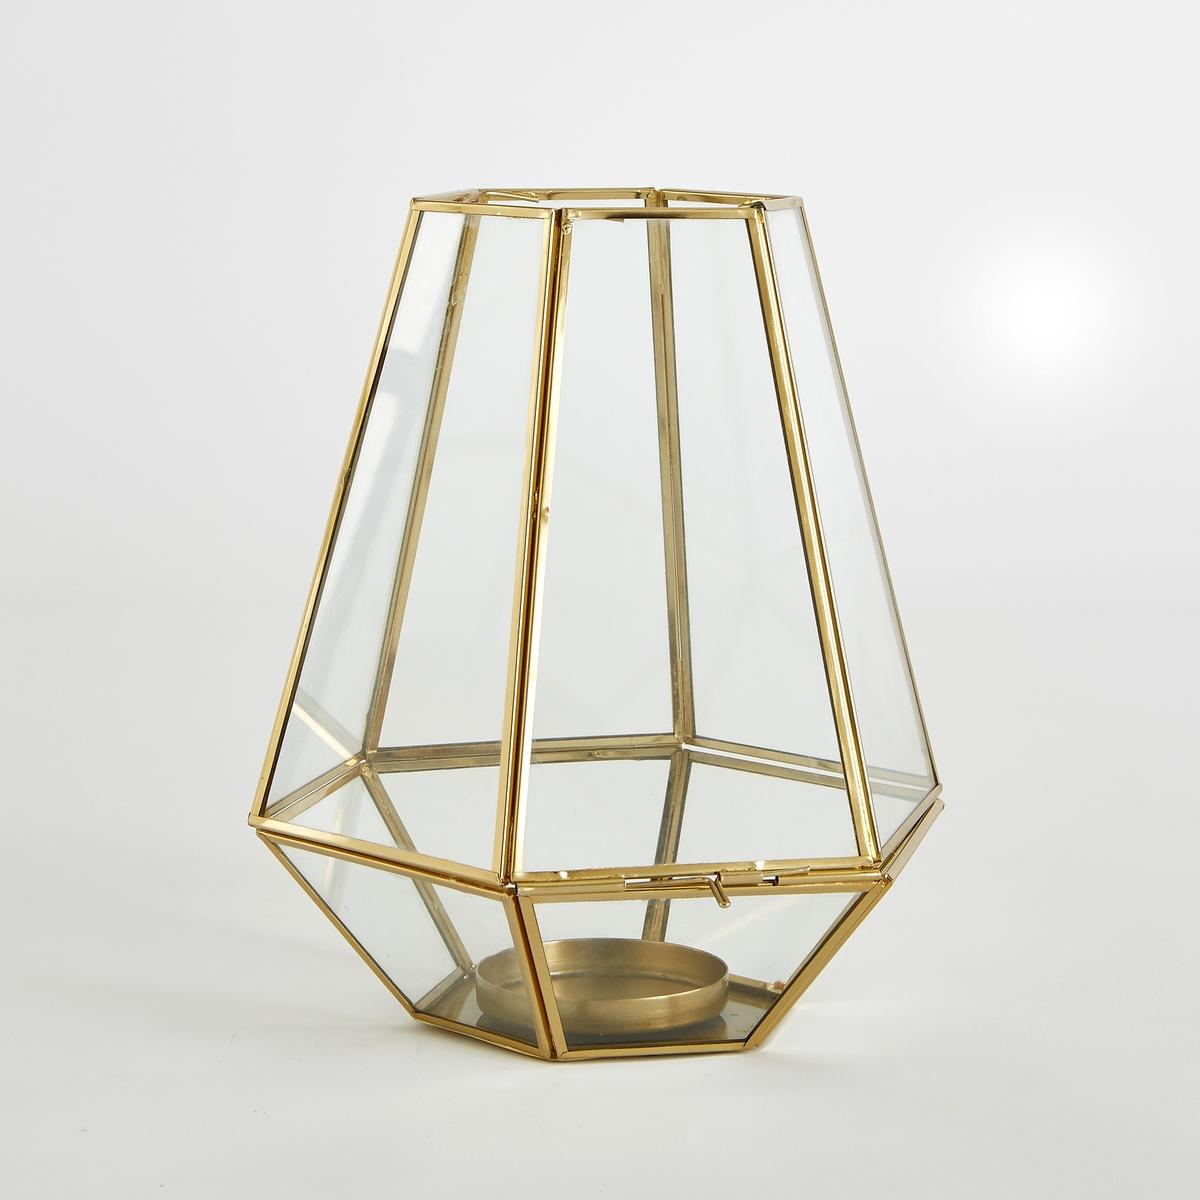 Подсвечник из стекла и металла MiludiХарактеристики подсвечника Miludi :Шестигранная форма со стеклами трапециевидной формы, из стекла и металла.Боковое отверстие для свечи.Металл с латунным эпоксидным покрытием.Держатель для свечи макс.6 см (в комплект не входит).Размеры подсвечника Miludi :- Основание : 22 x 22 смВысота : 26 см<br><br>Цвет: латунь<br>Размер: единый размер